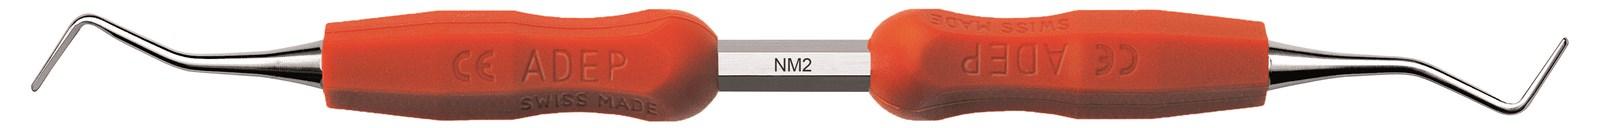 Lžičkové dlátko - NM2, ADEP světle zelený